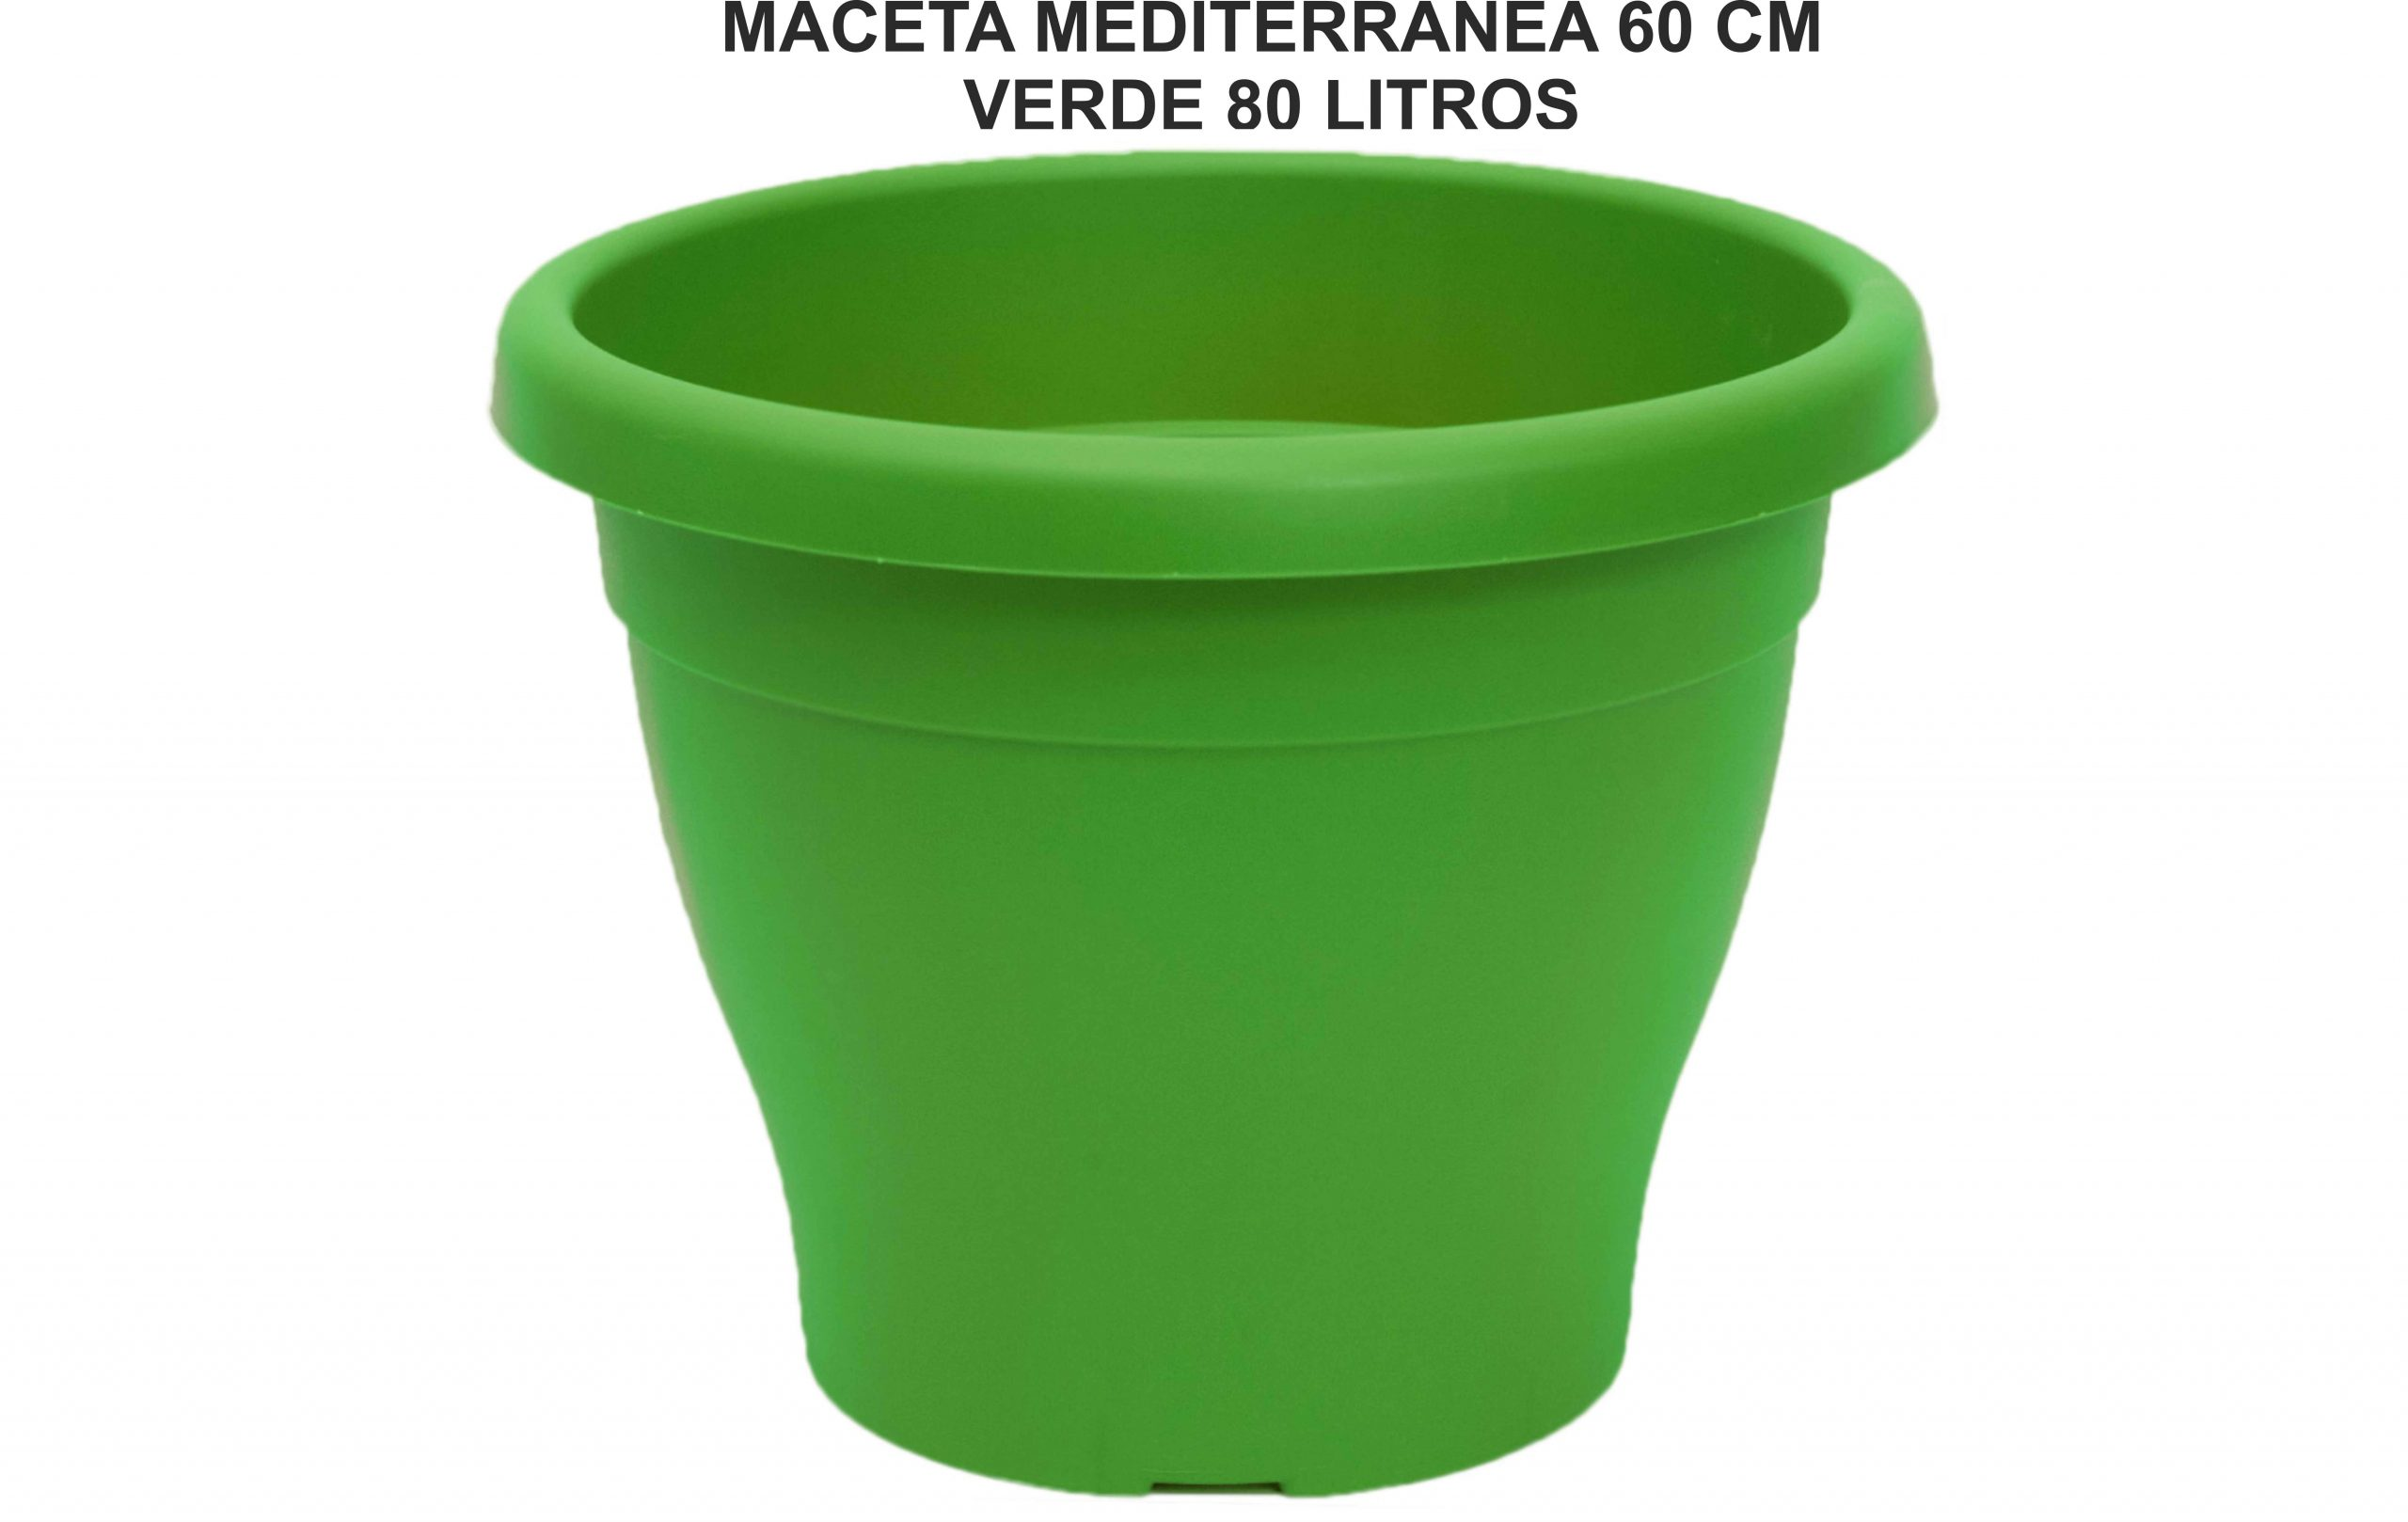 MACETA MEDITERRANEA 60 CM VERDE